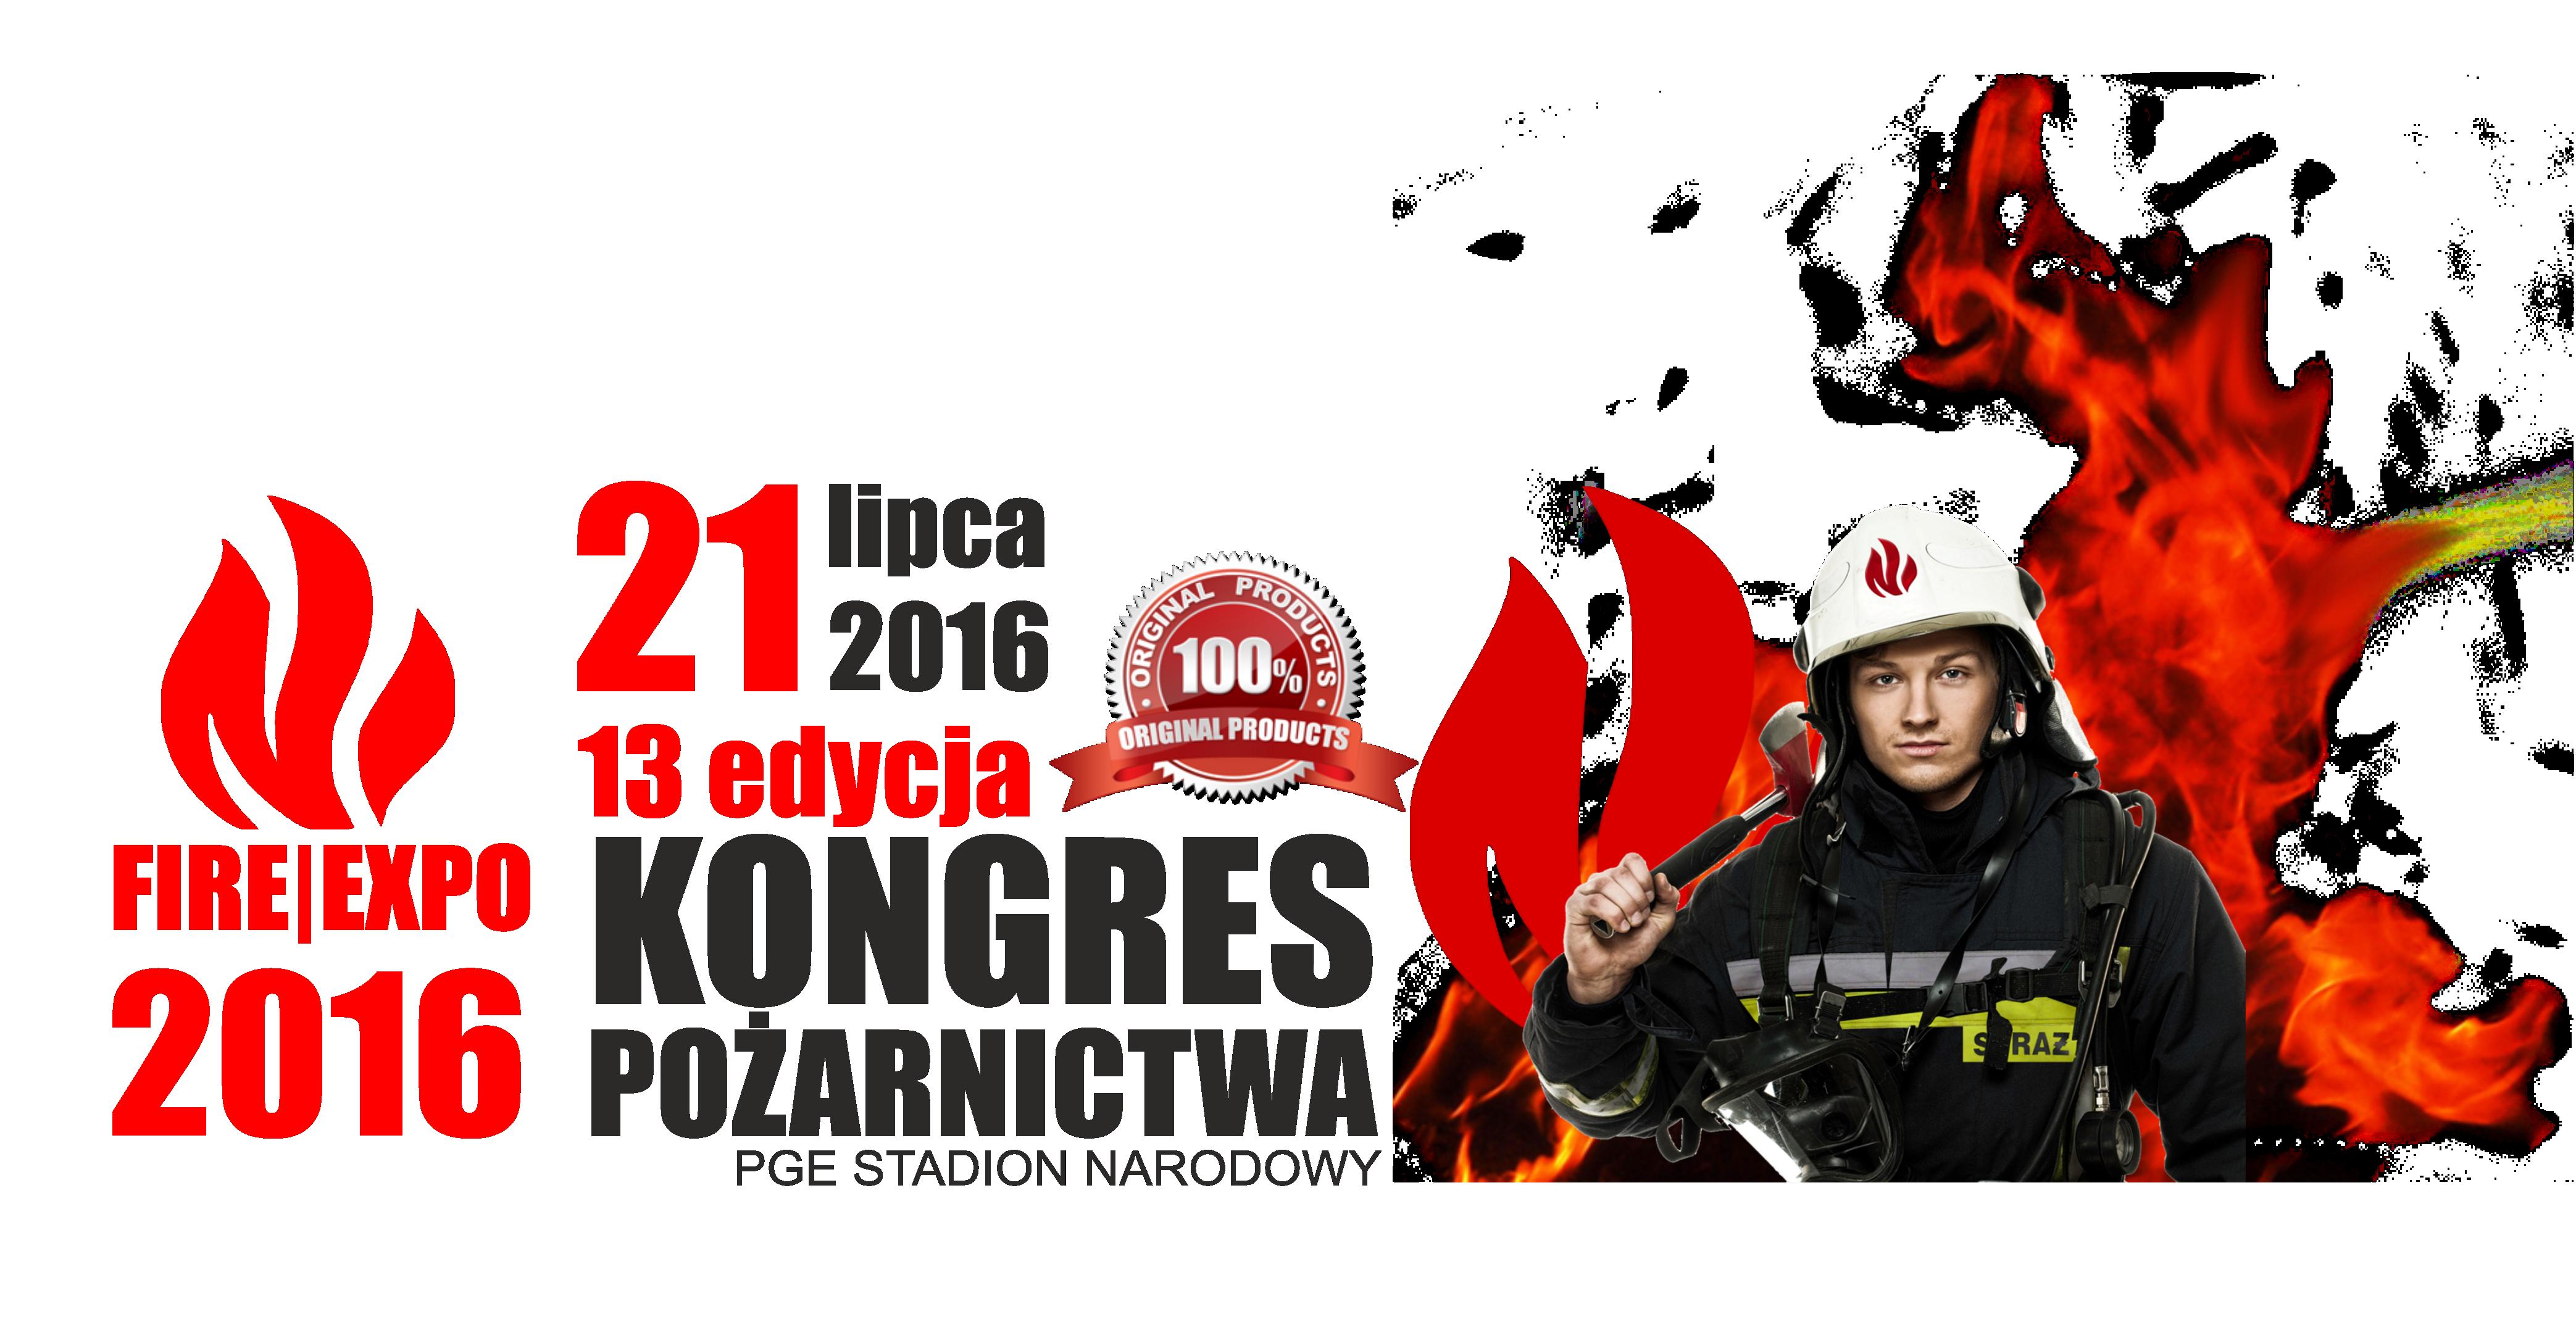 XIII EDYCJA FIRE-EXPO